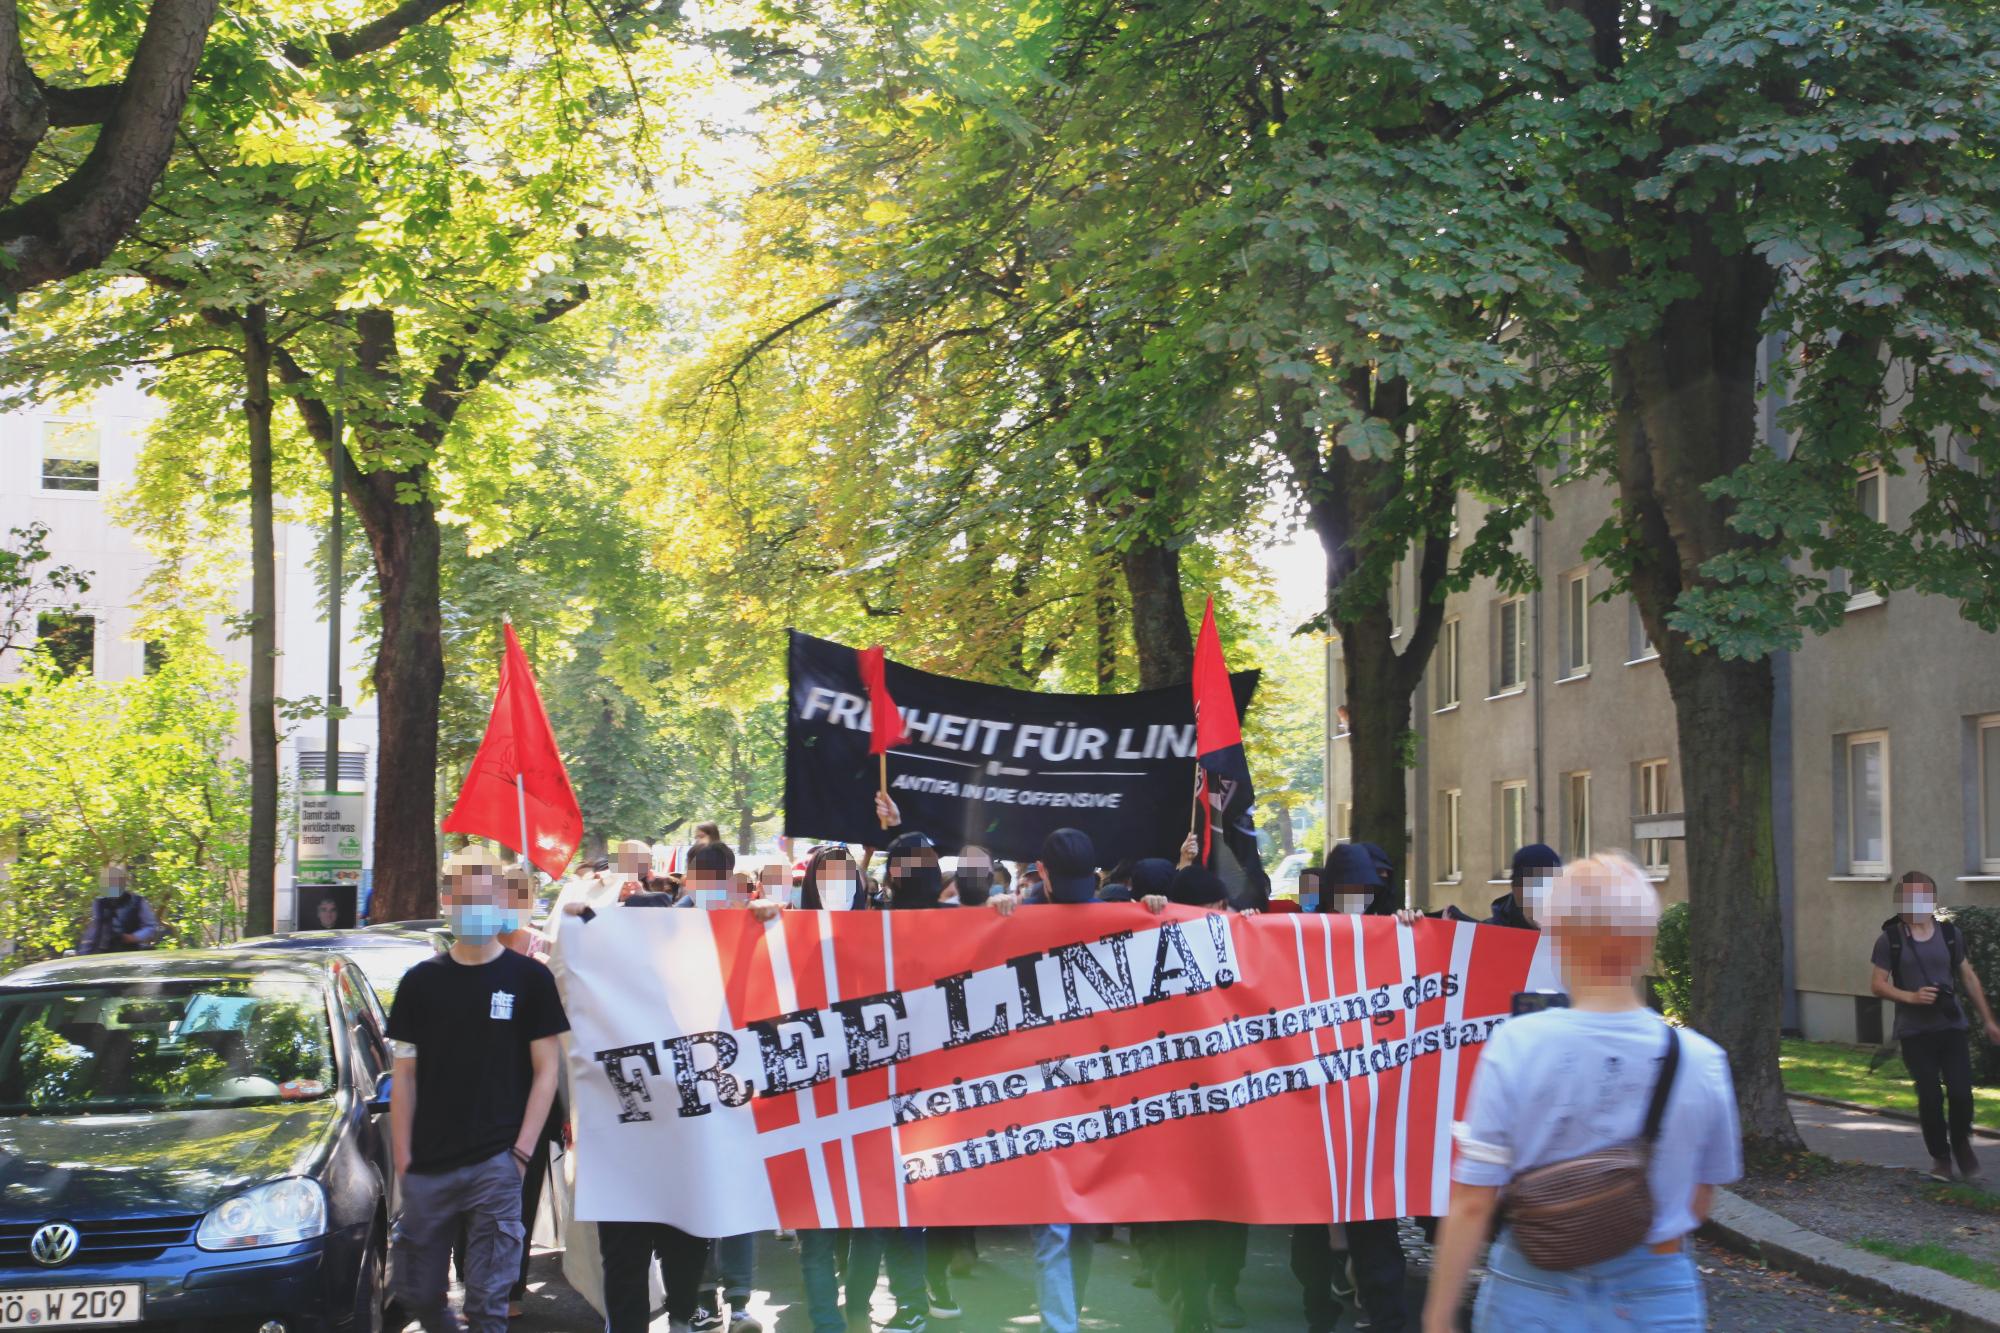 Freiheit für Lina Demonstration in Kassel am 04.09.2021